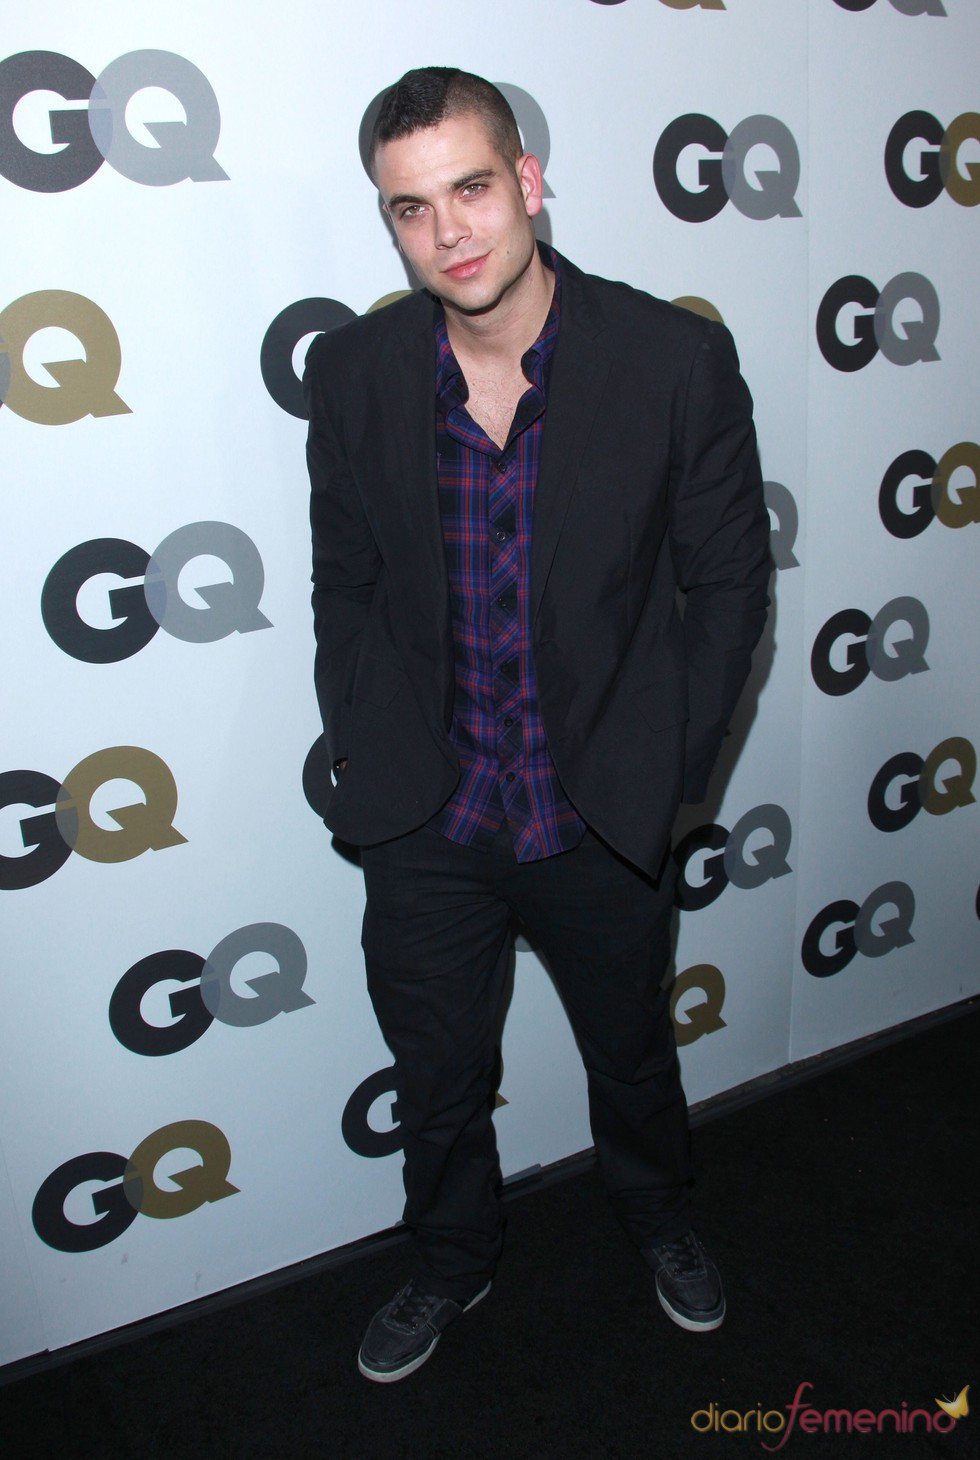 Mark Salling en la Fiesta GQ 2010